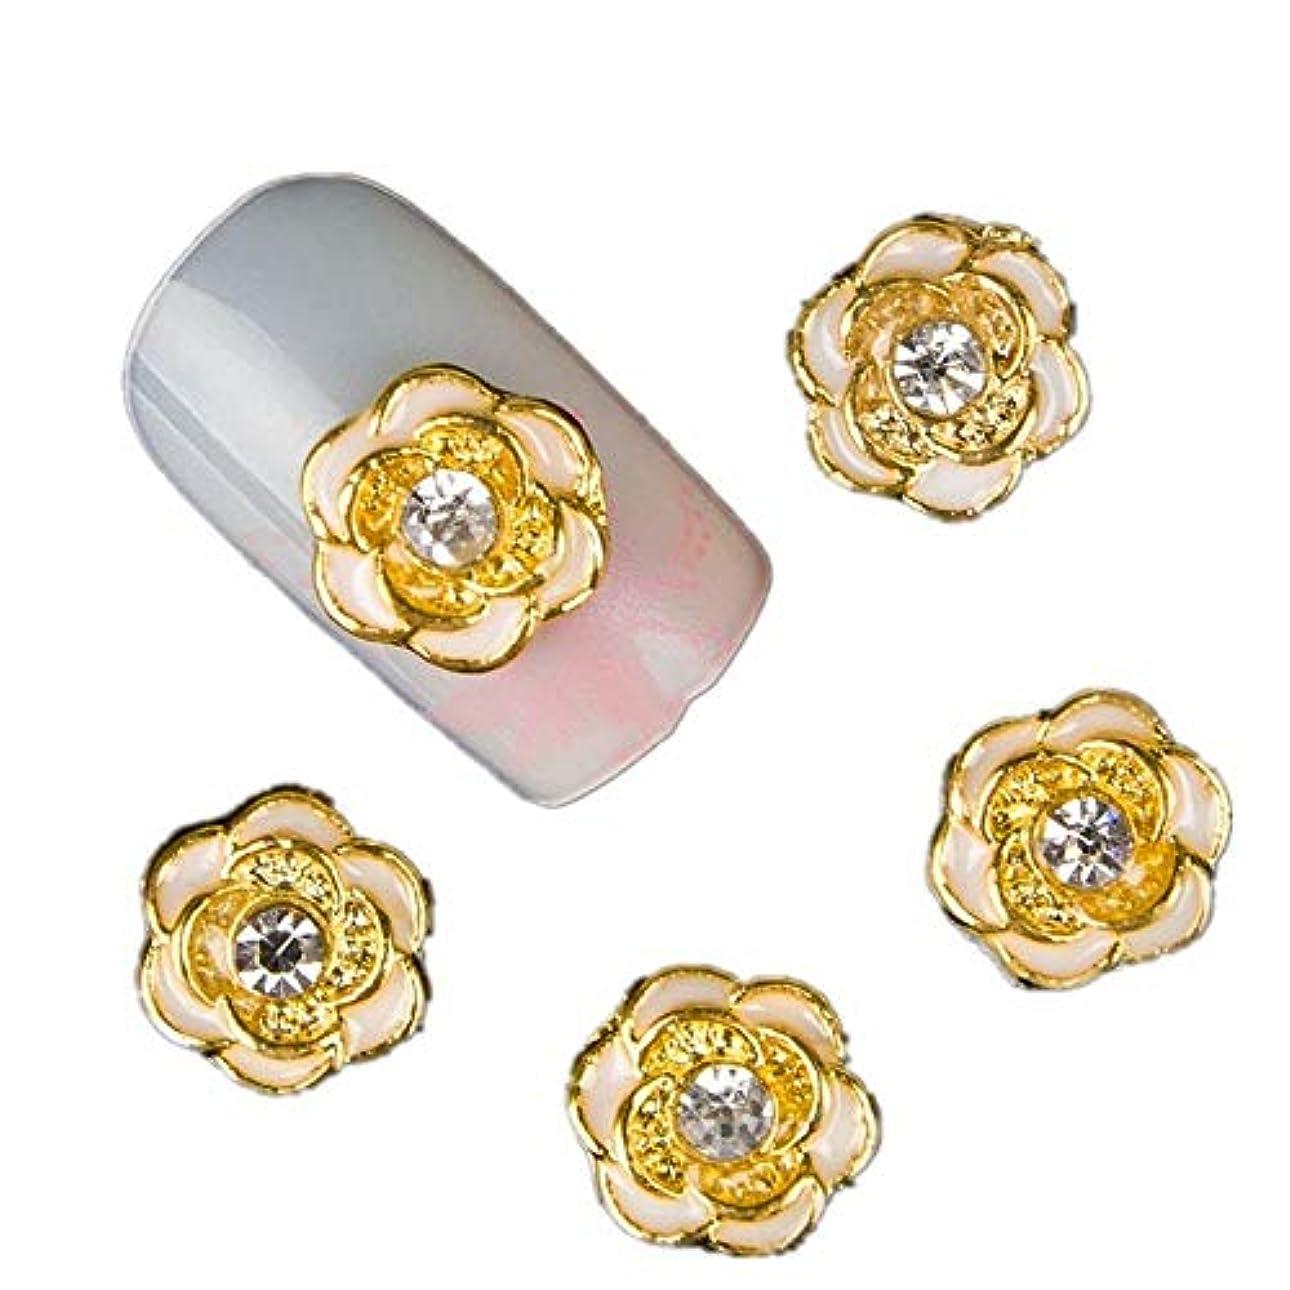 平日投げる冷笑する10の3Dゴールドローズフラワーネイルアートの装飾ラインストーン合金DIYネイル用品マニキュアデザイン